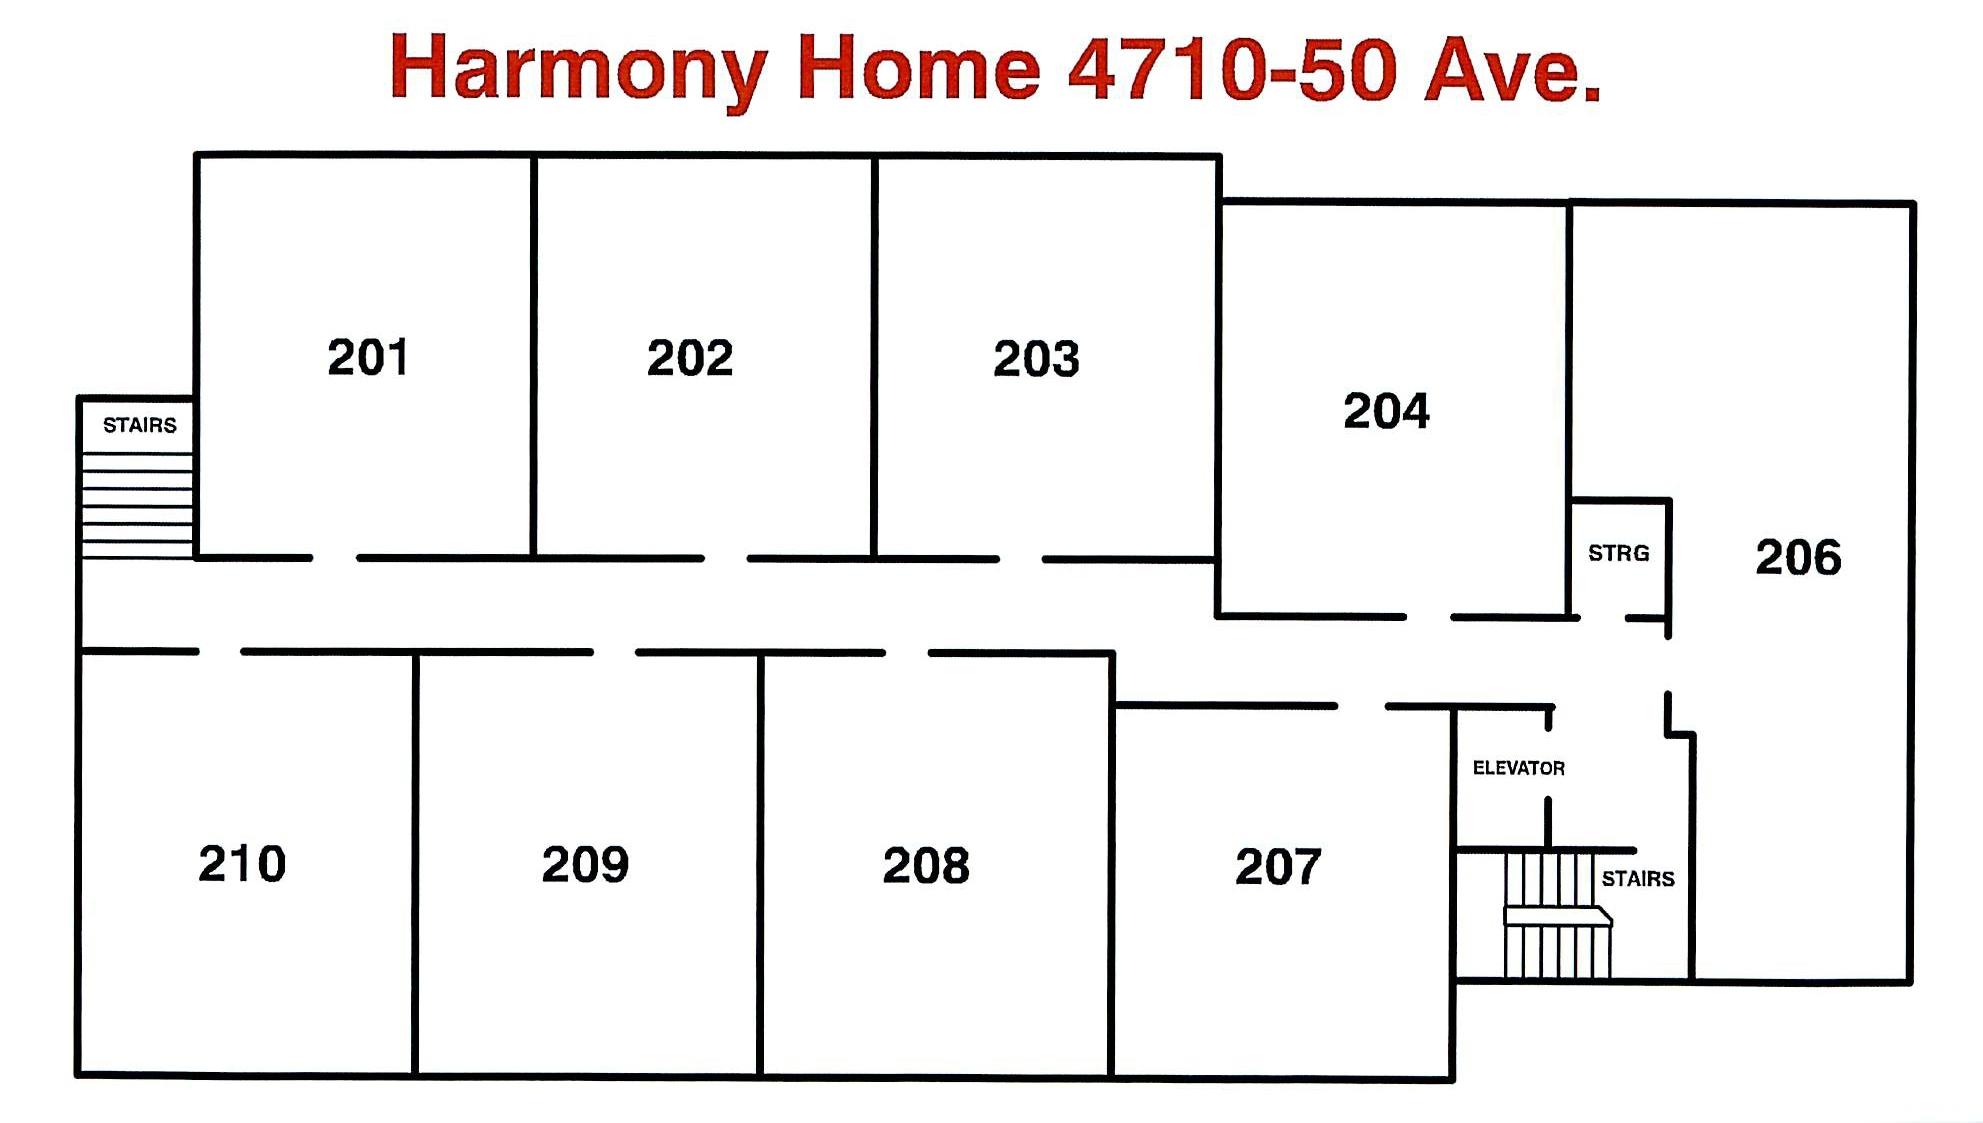 Floor Plan - Harmony Home 2nd Floor May 2018